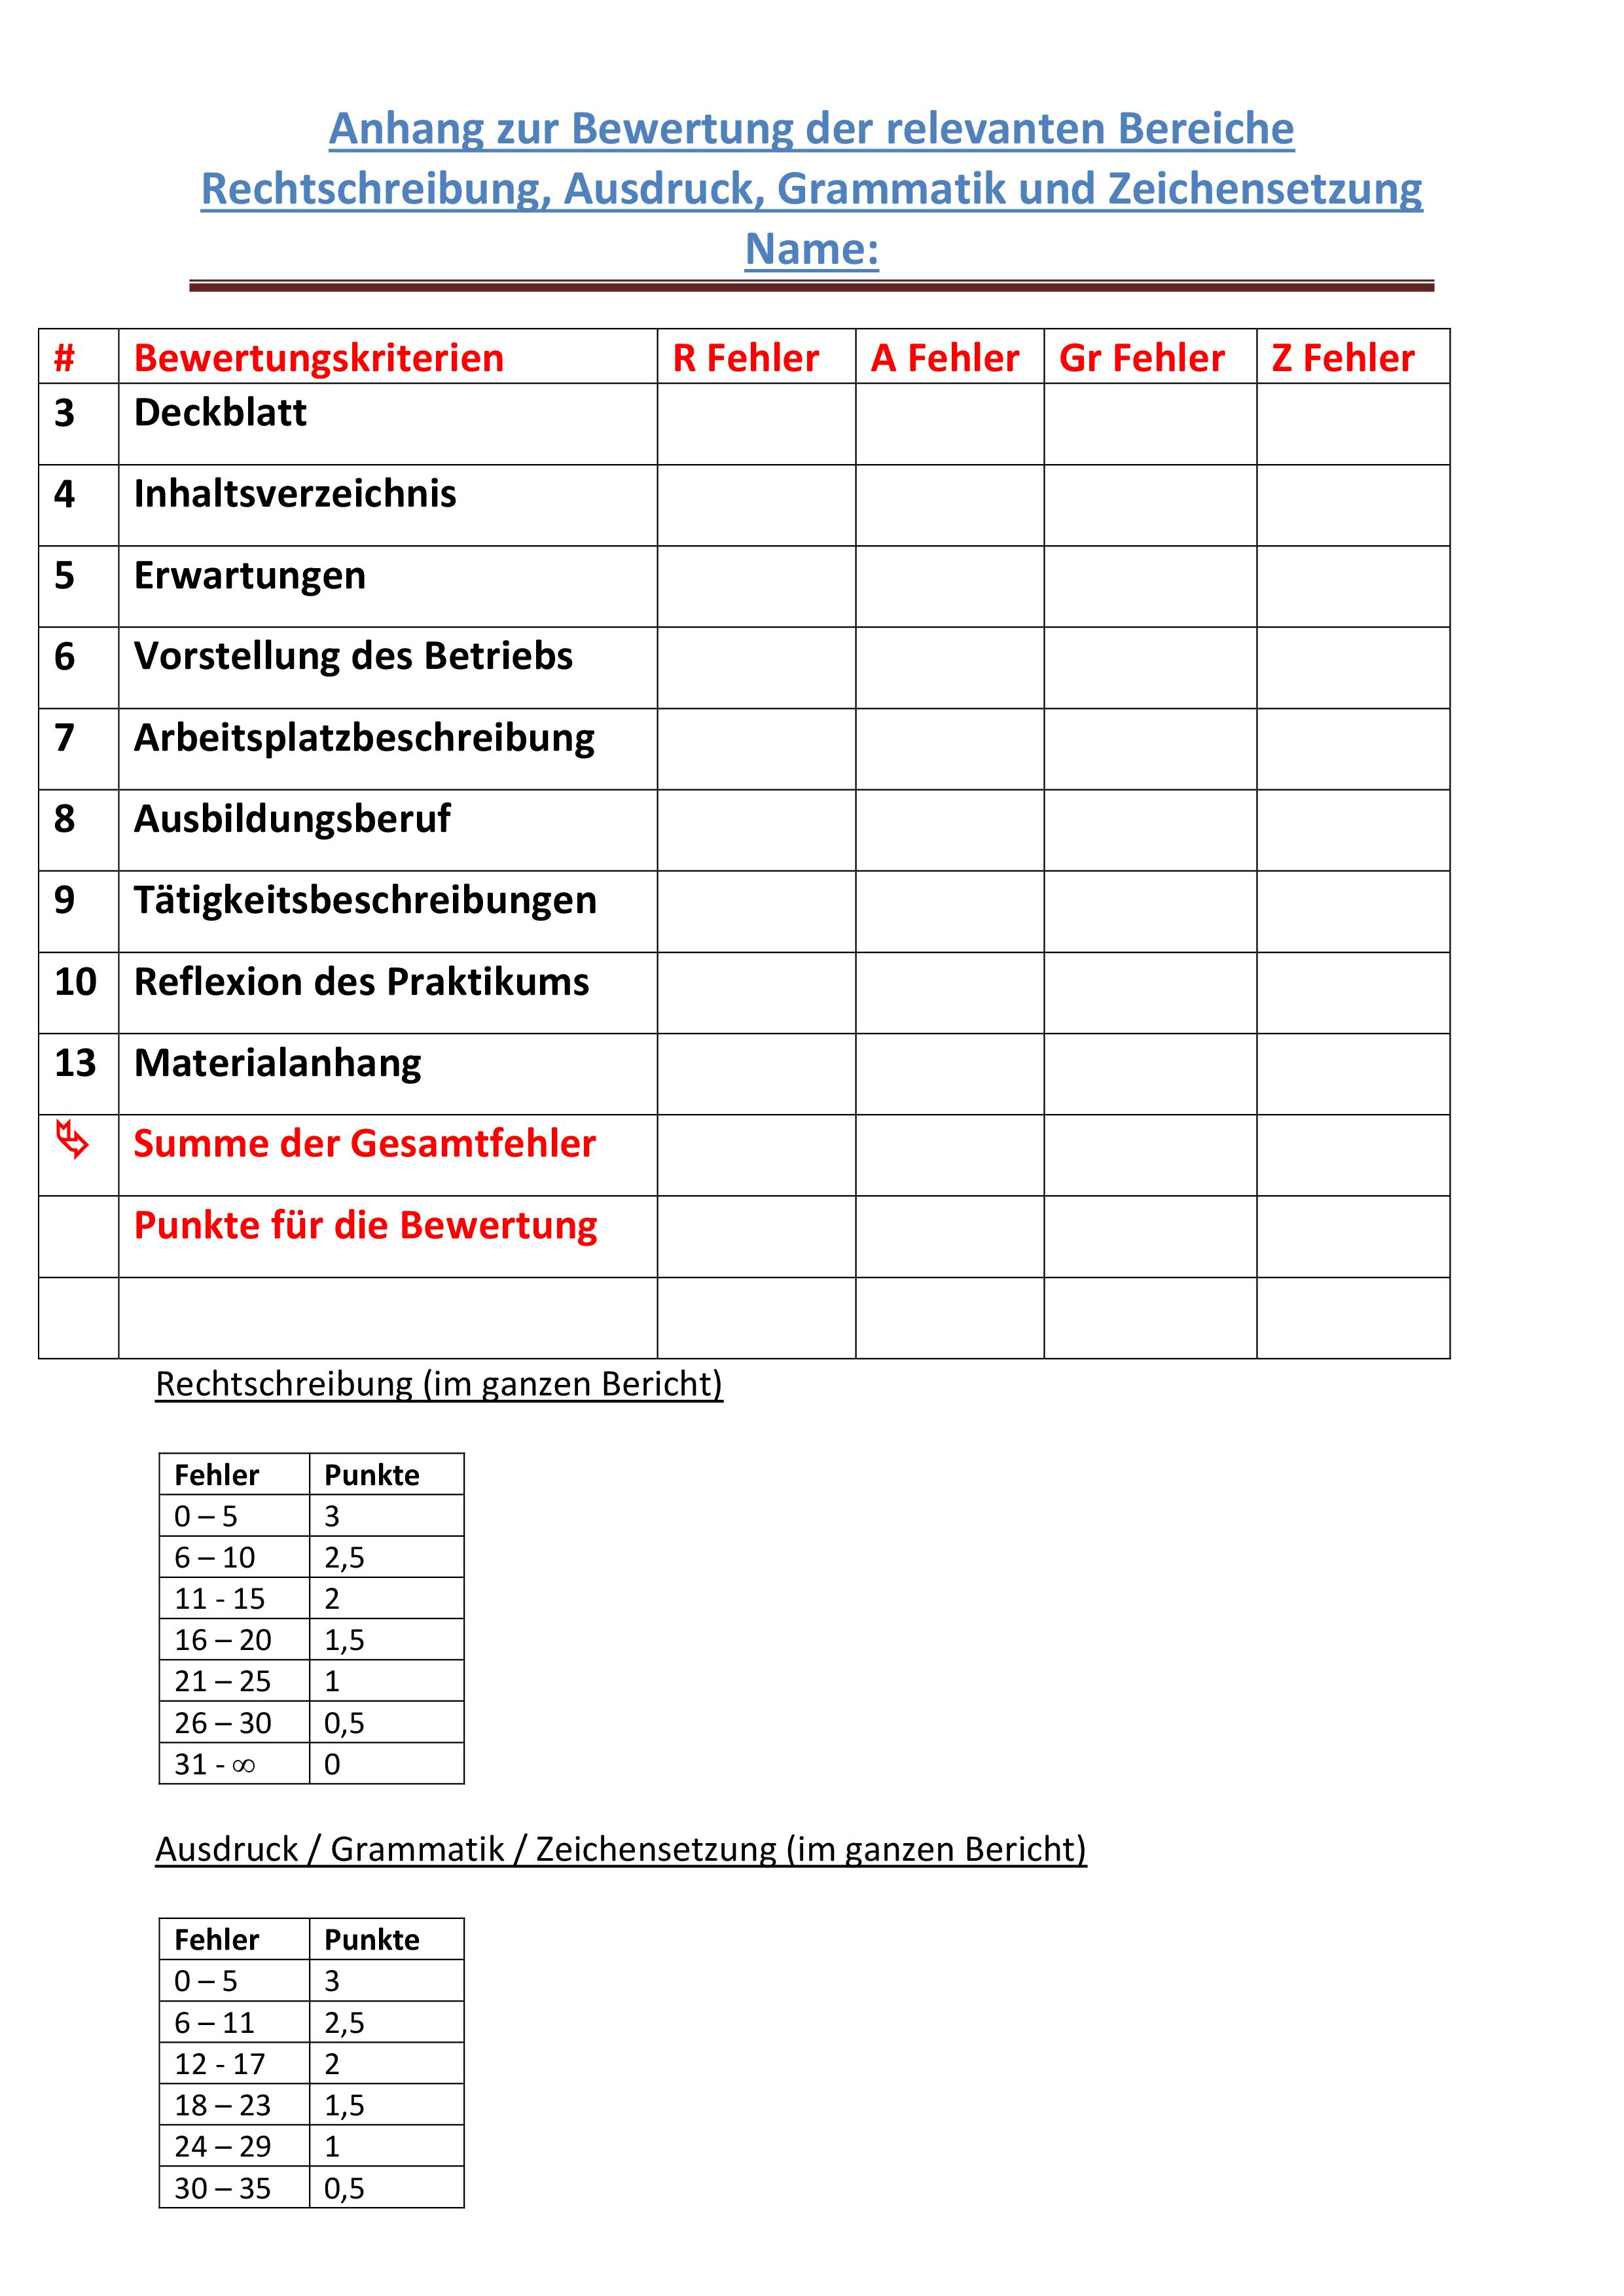 Rechtschreibungskriterien Zum Praktikumsbericht Unterrichtsmaterial Im Fach Arbeitslehre In 2020 Praktikumsbericht Rechtschreibung Unterrichtsmaterial